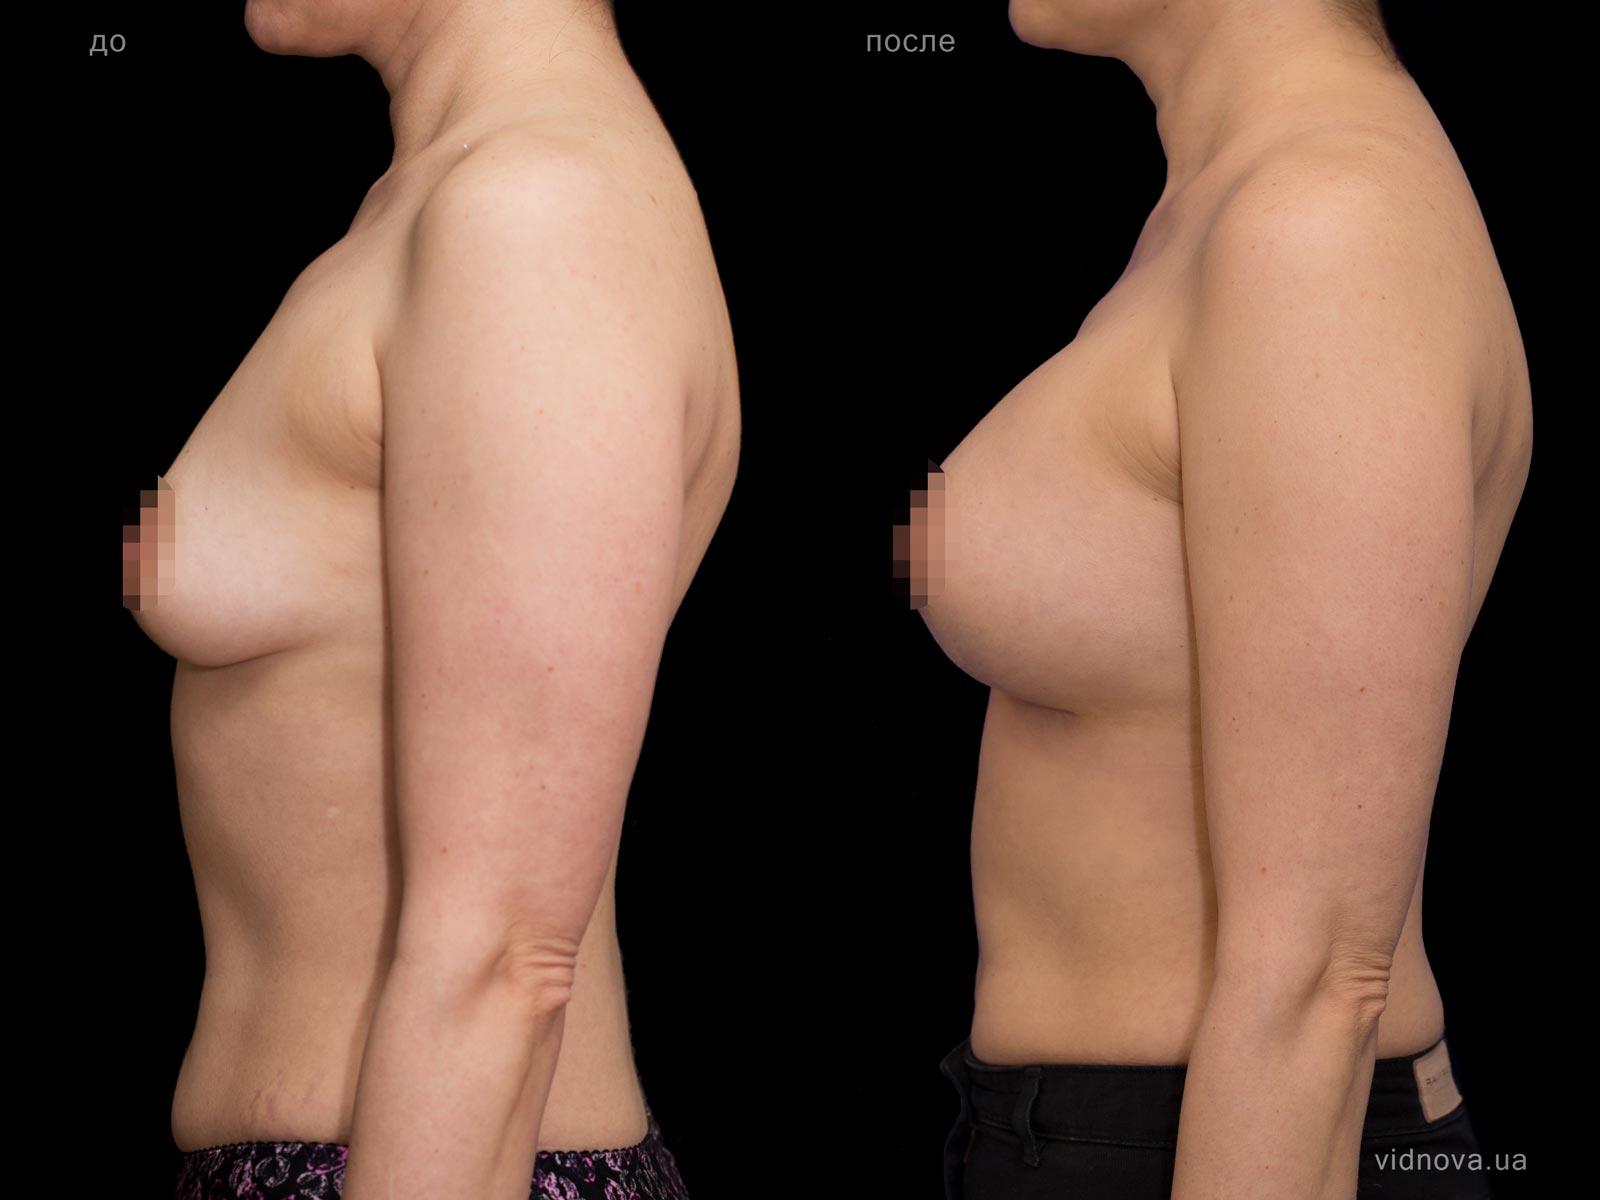 Пластика груди: результаты до и после - Пример №69-2 - Светлана Работенко